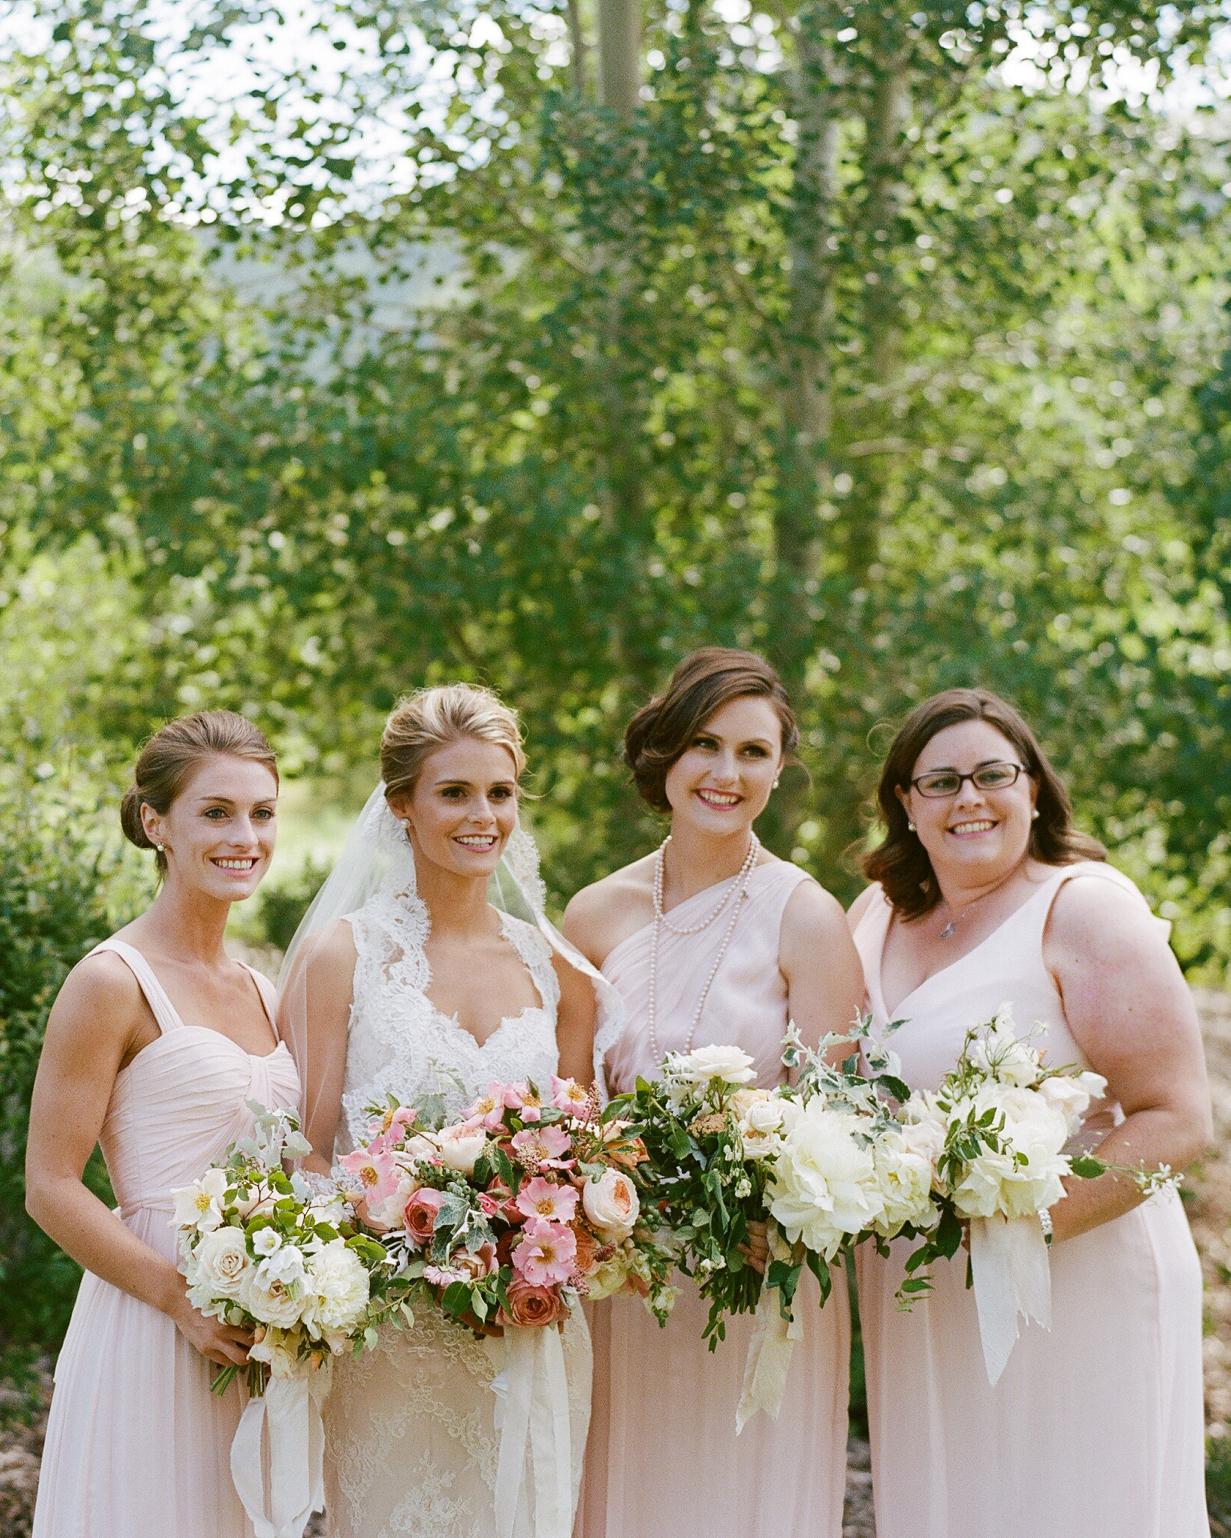 jamie-alex-wedding-bridesmaids-000022130013-s111544-1014.jpg